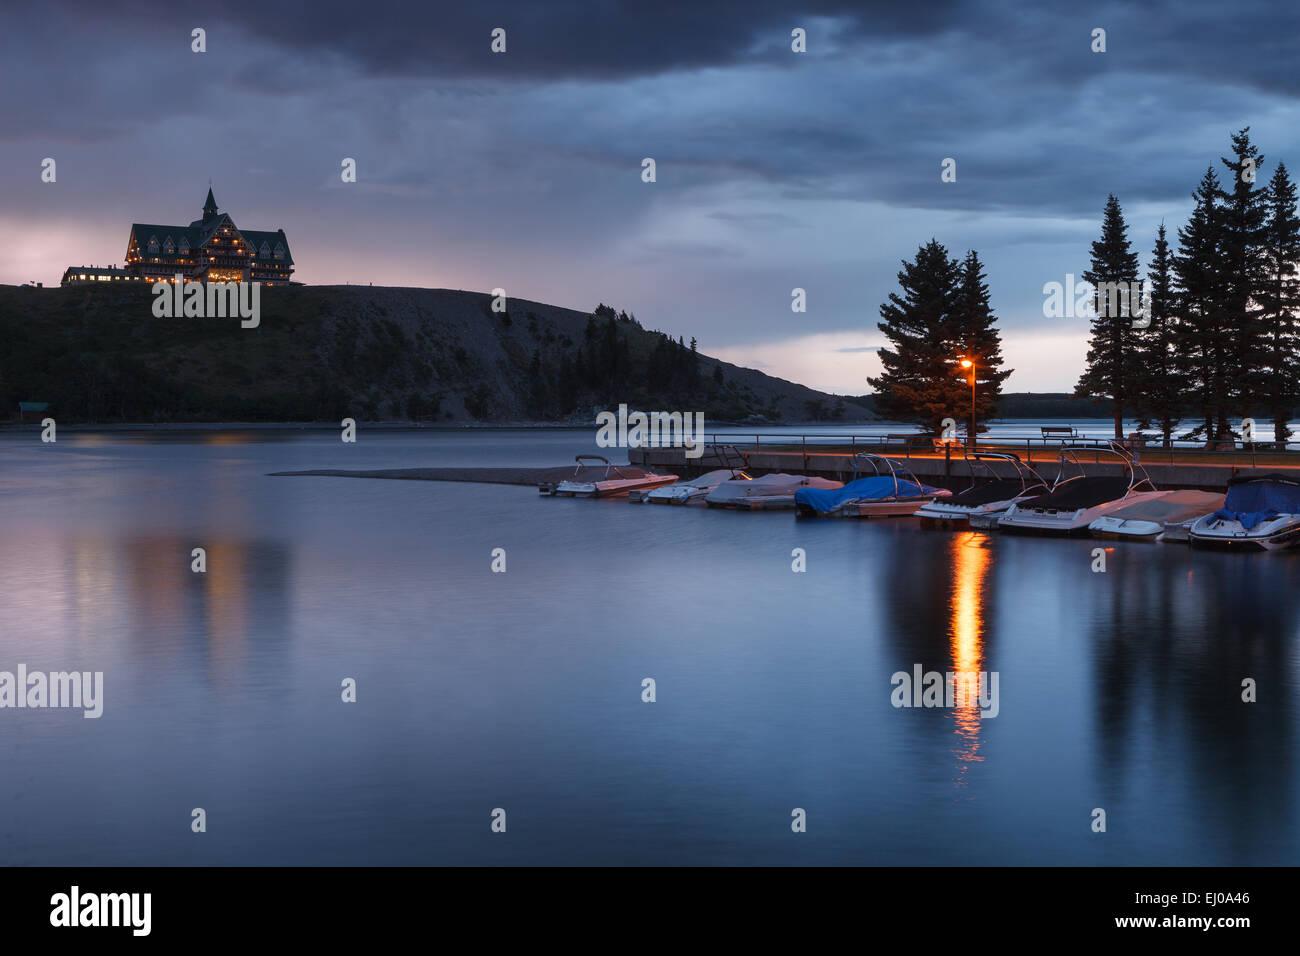 Waterton superiore del lago e il Principe di Galles Hotel, su una burrascosa serata. Parco Nazionale dei laghi di Immagini Stock